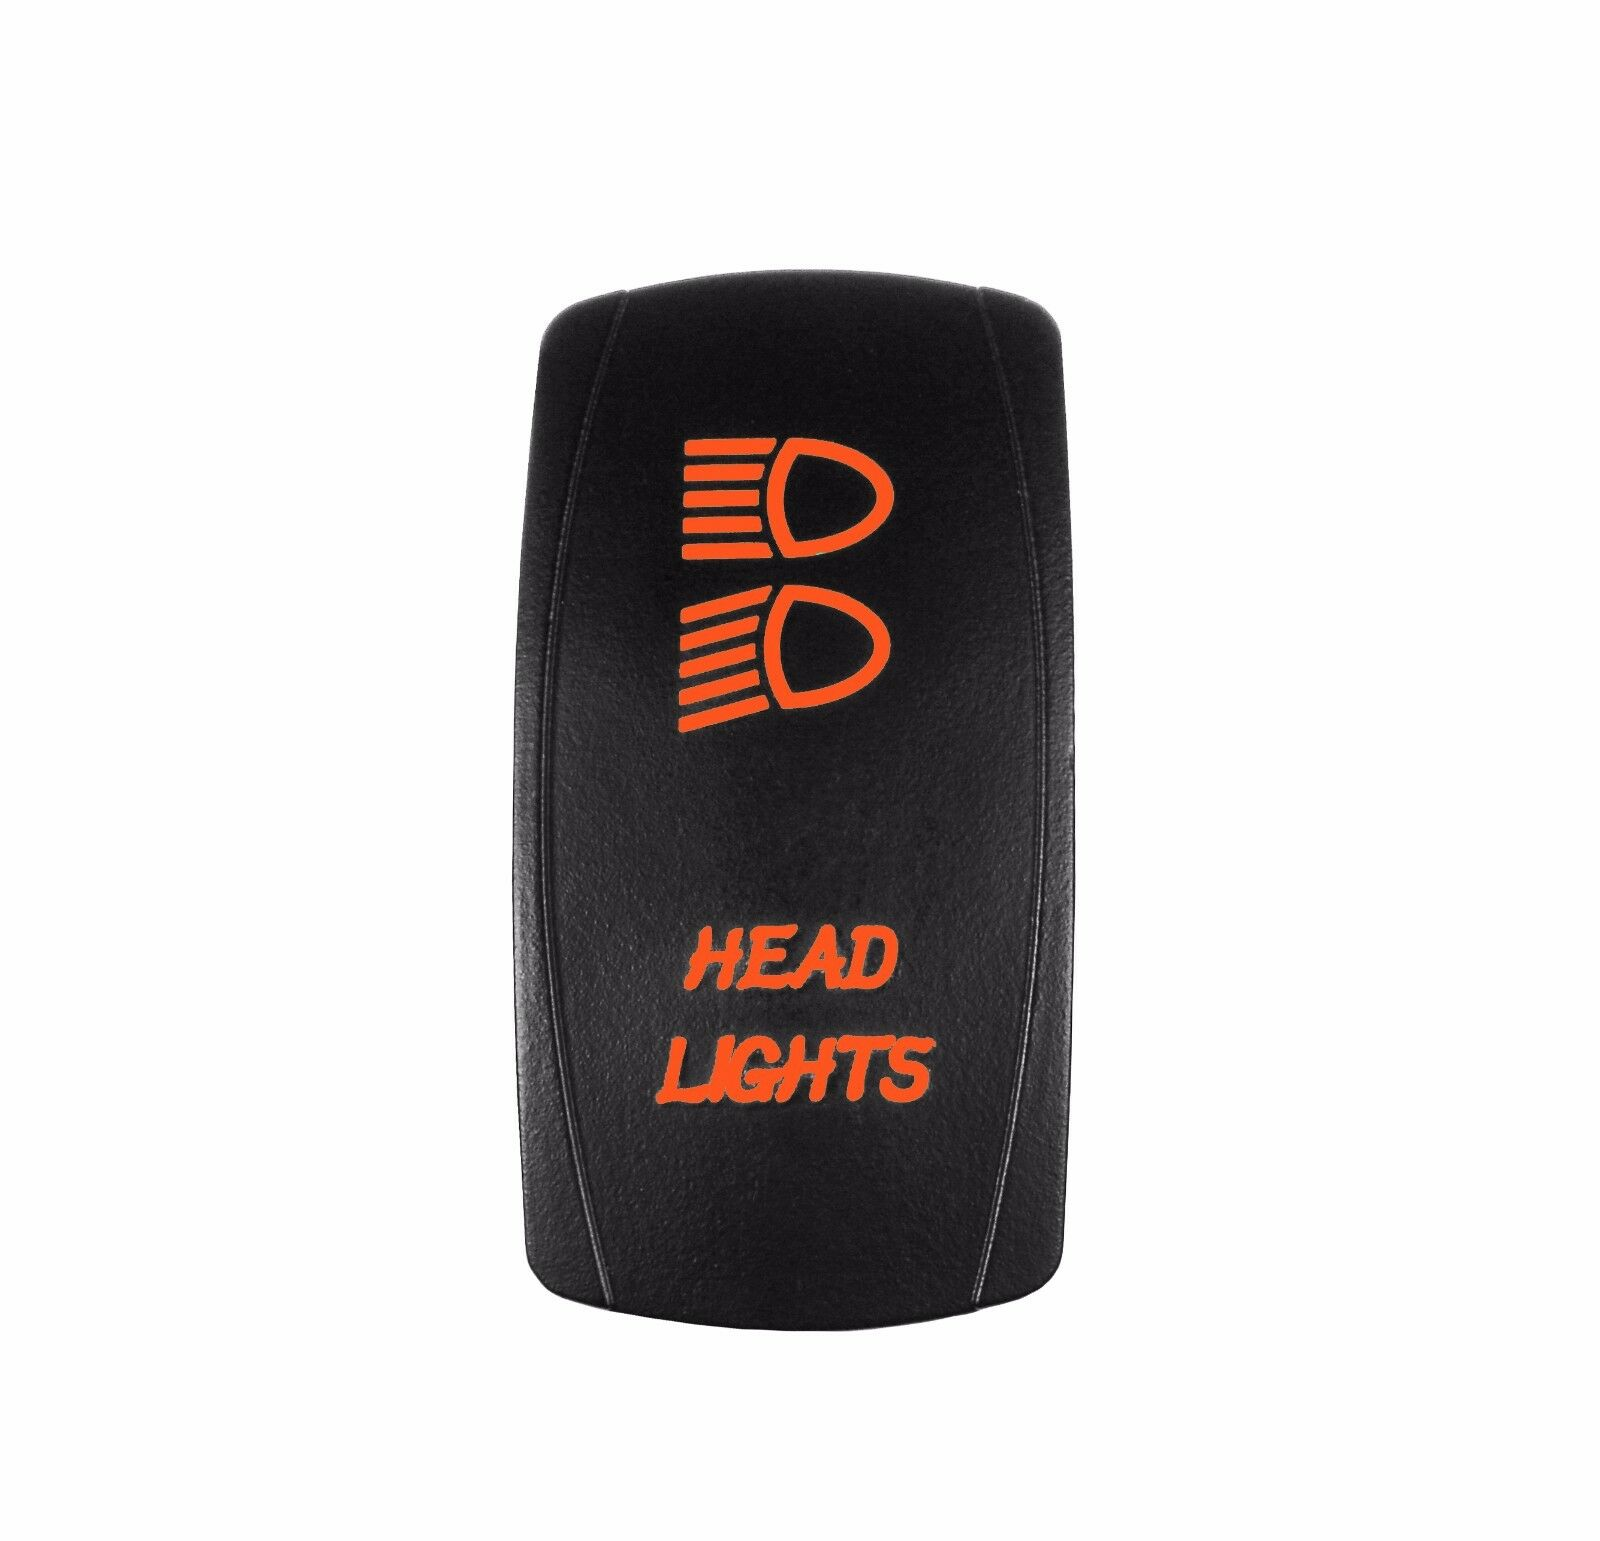 6 pin Laser Backlit Rocker Switch HEAD LIGHTS 20A 12V OFF-ON-ON LED ORANGE